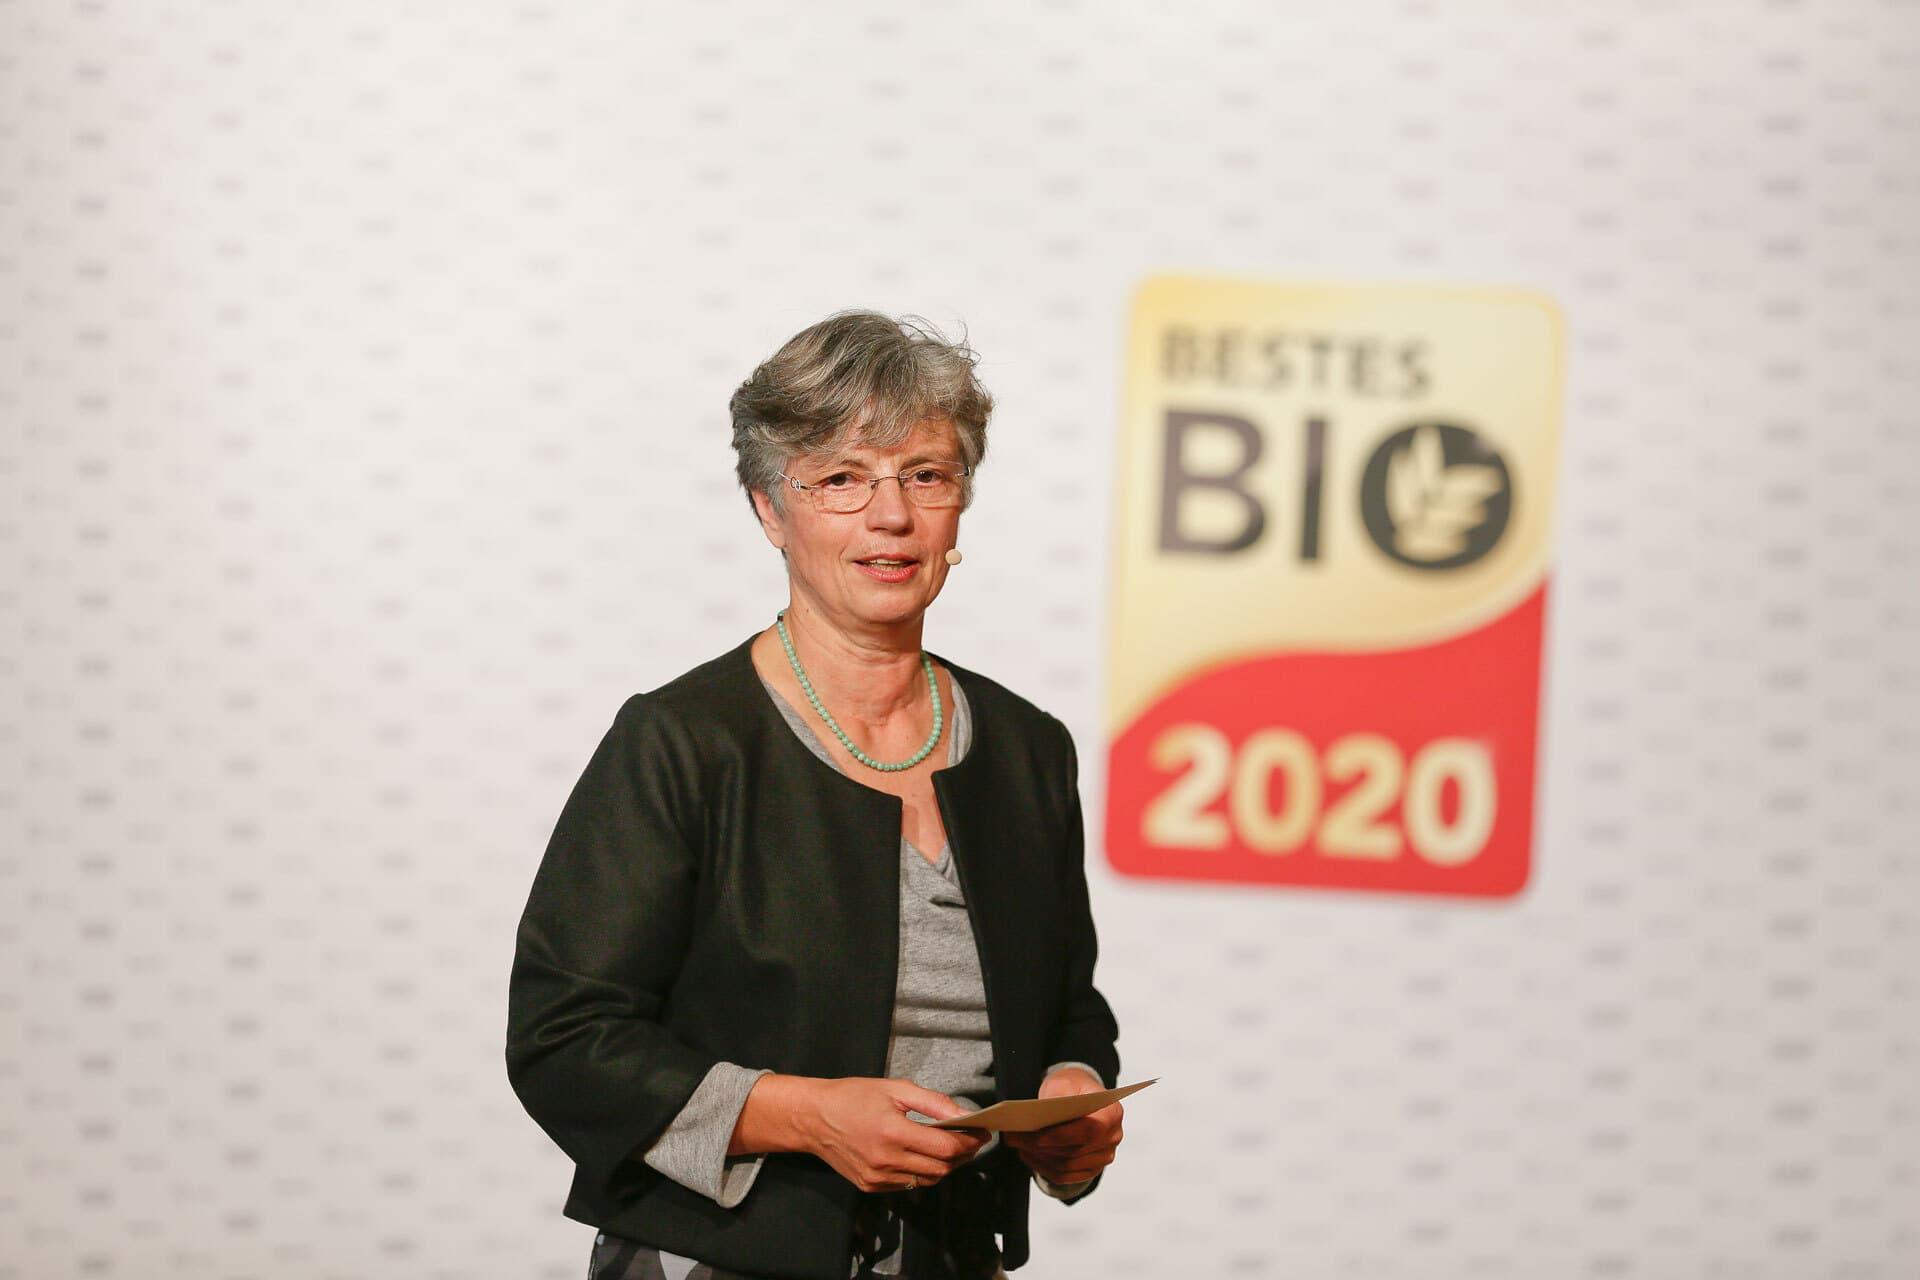 bio-verlag-Geschäftsführerin Sabine Kauffmann Bestes Bio 2020